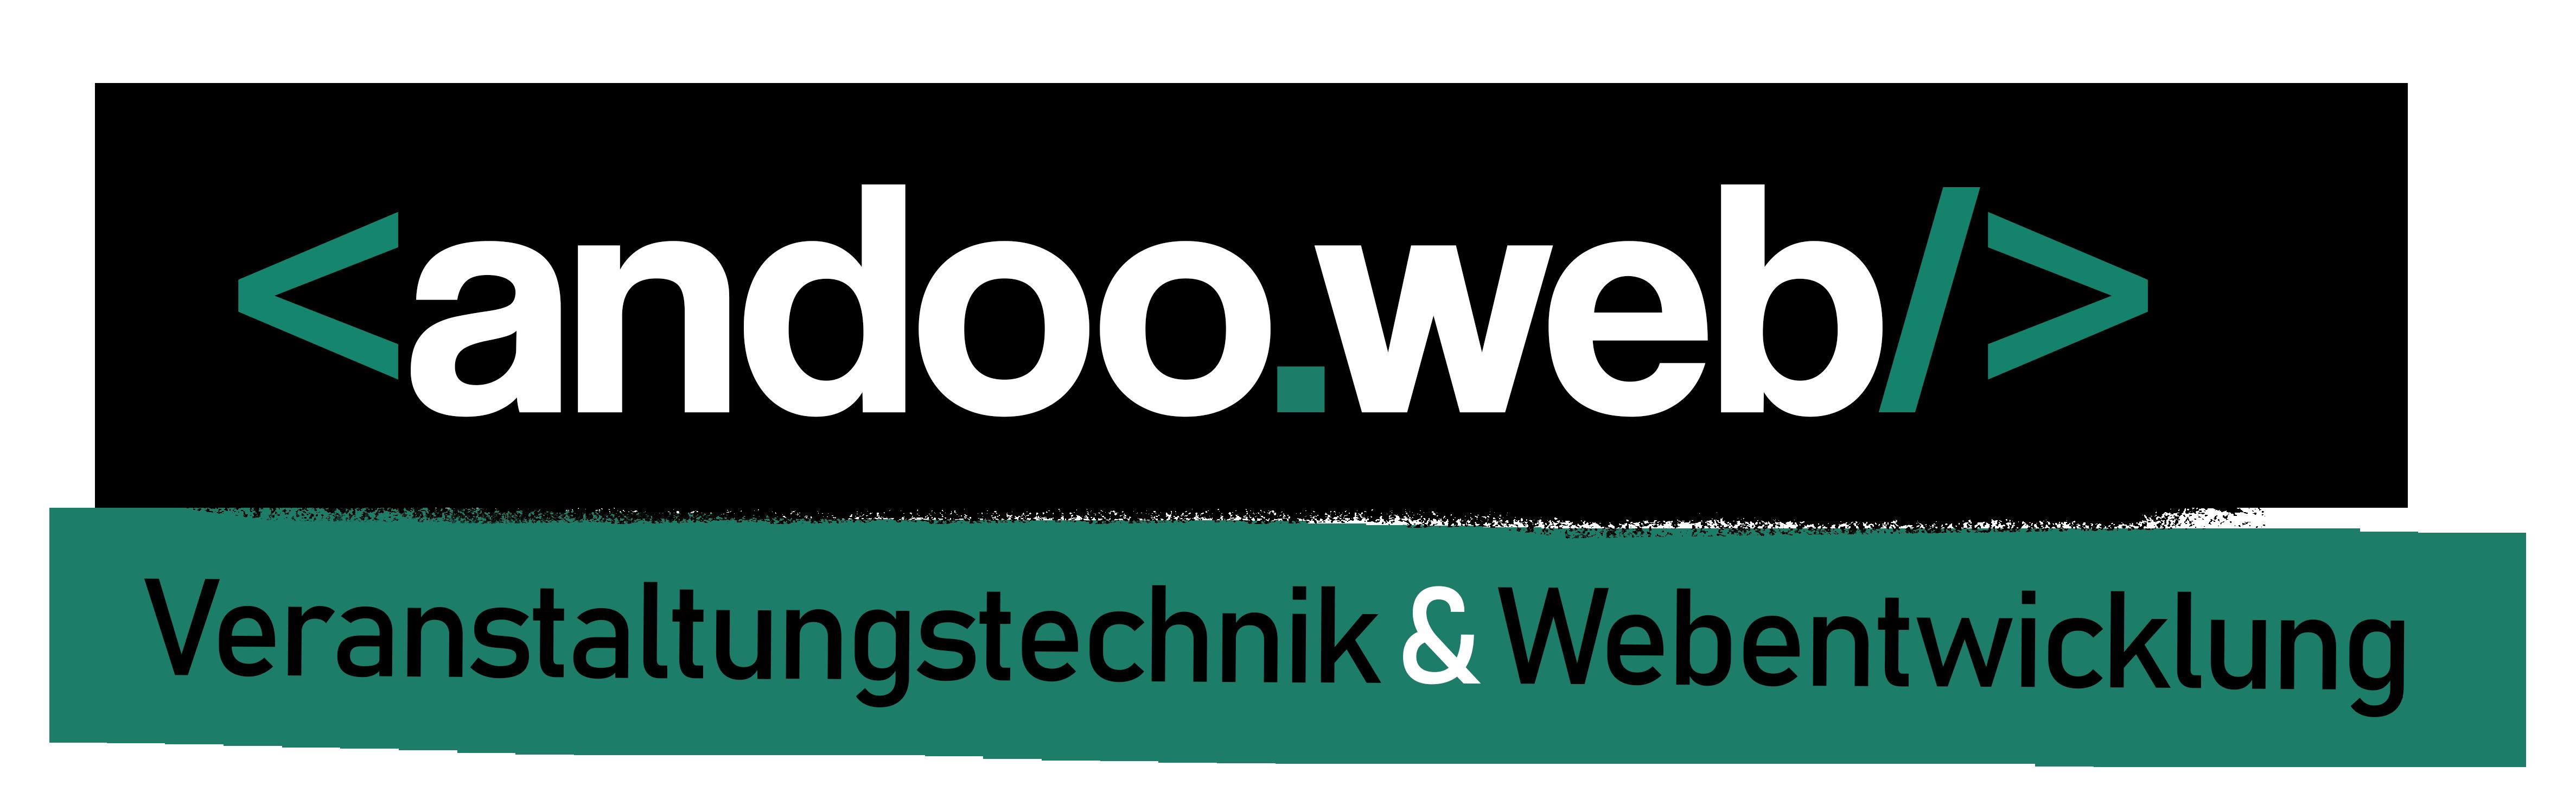 andooweb.de